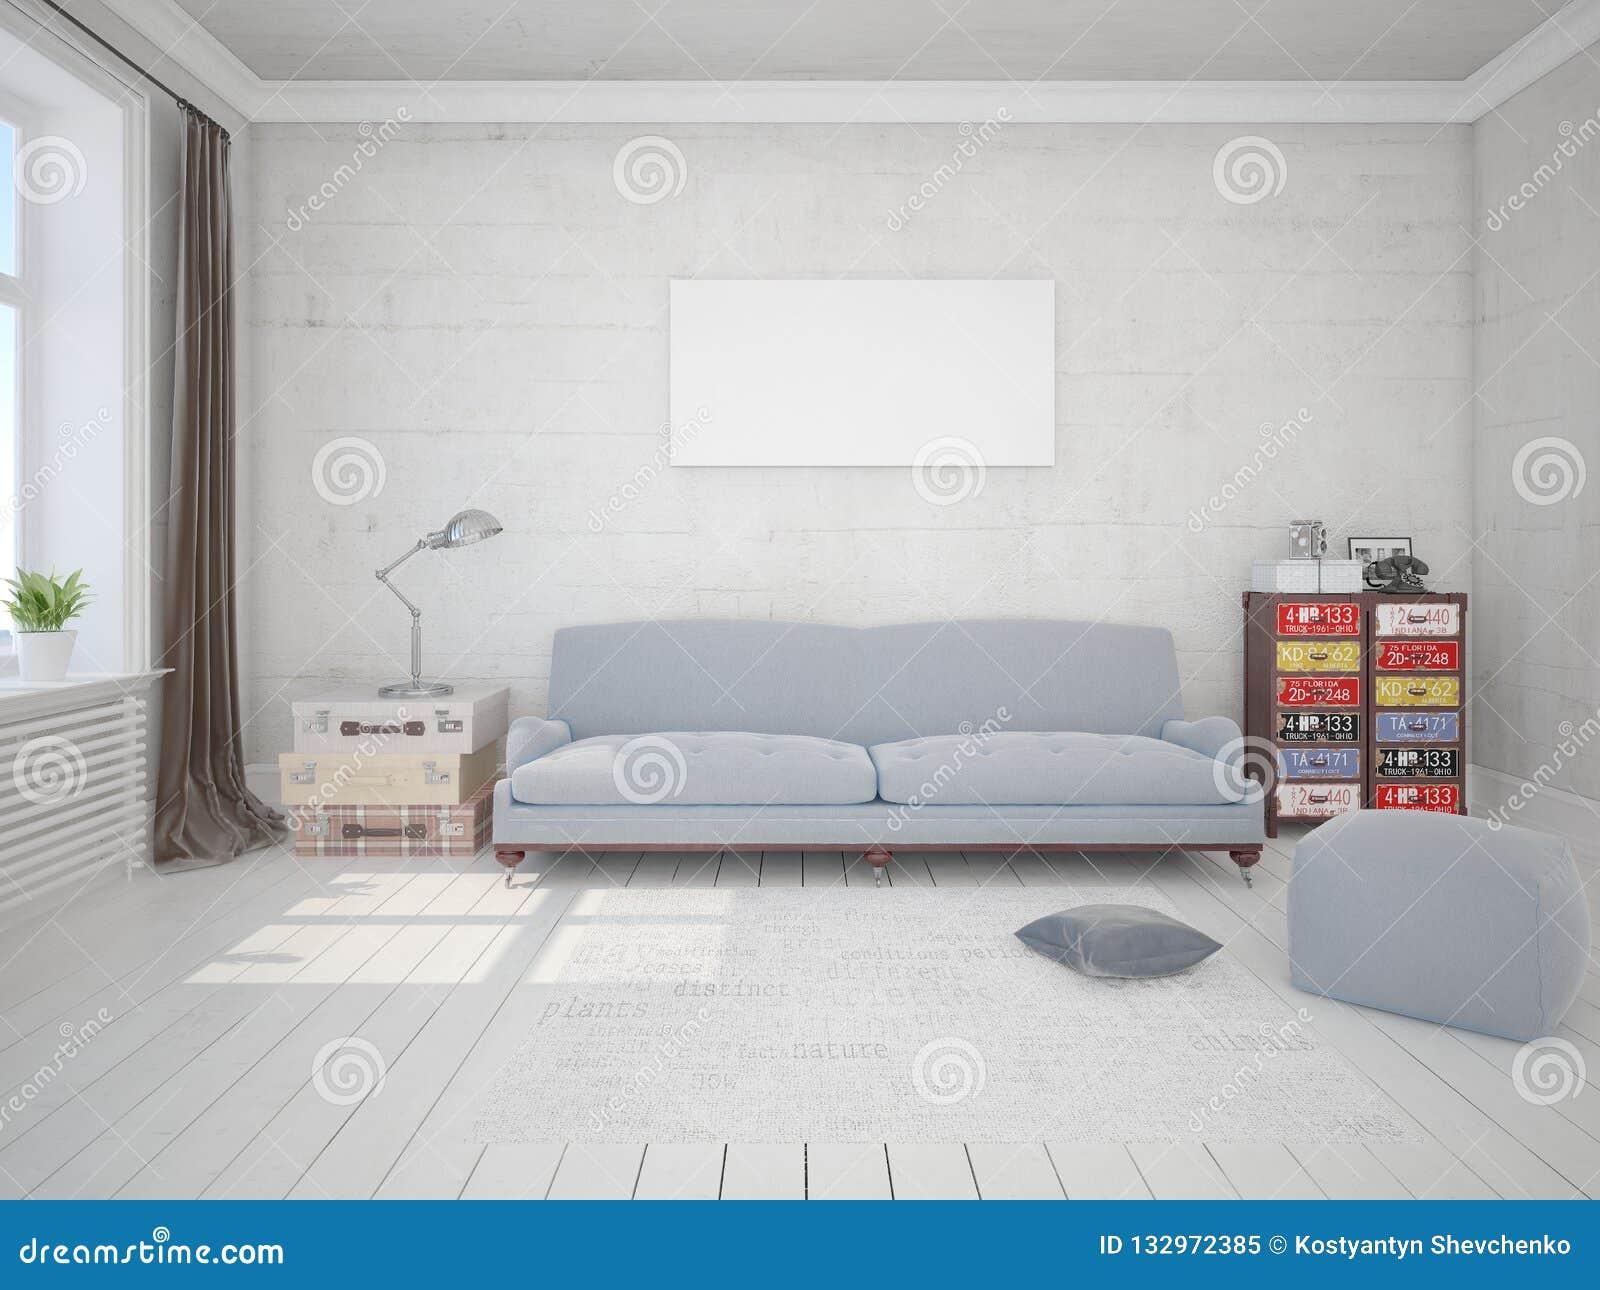 Imite encima de sala de estar de moda con un sofá original